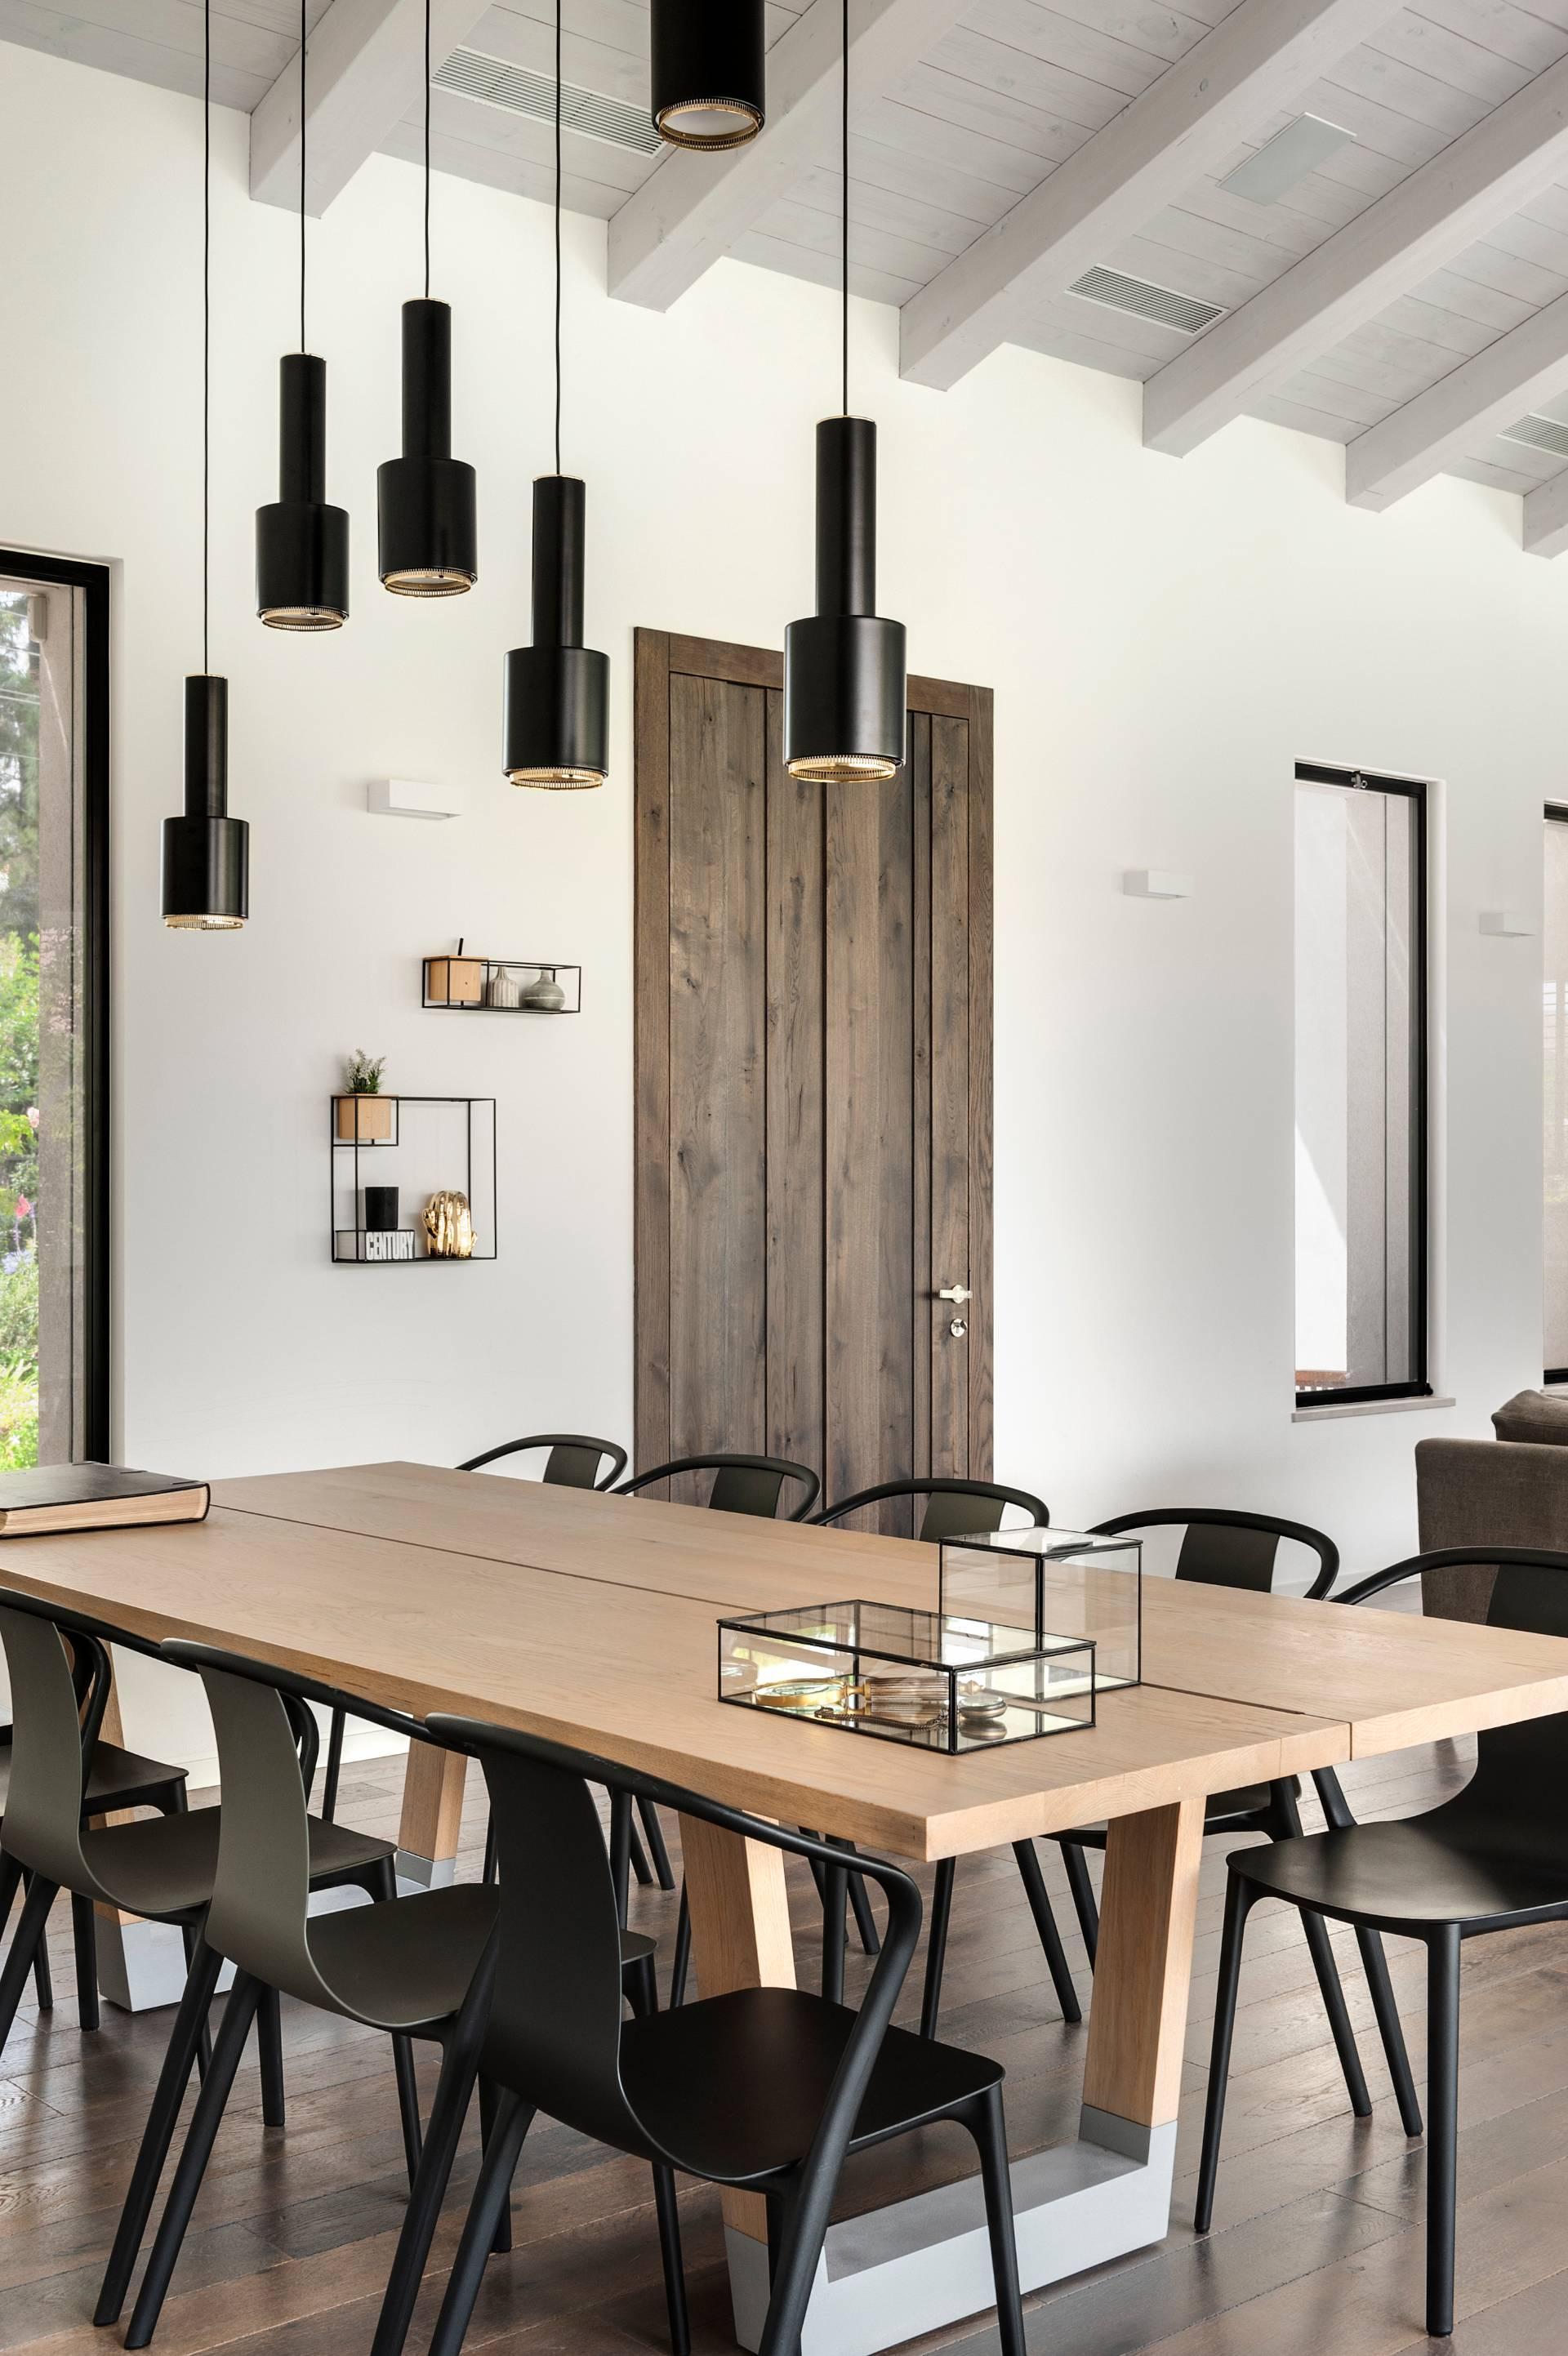 עיצוב שולחנות אוכל מעץ מלא